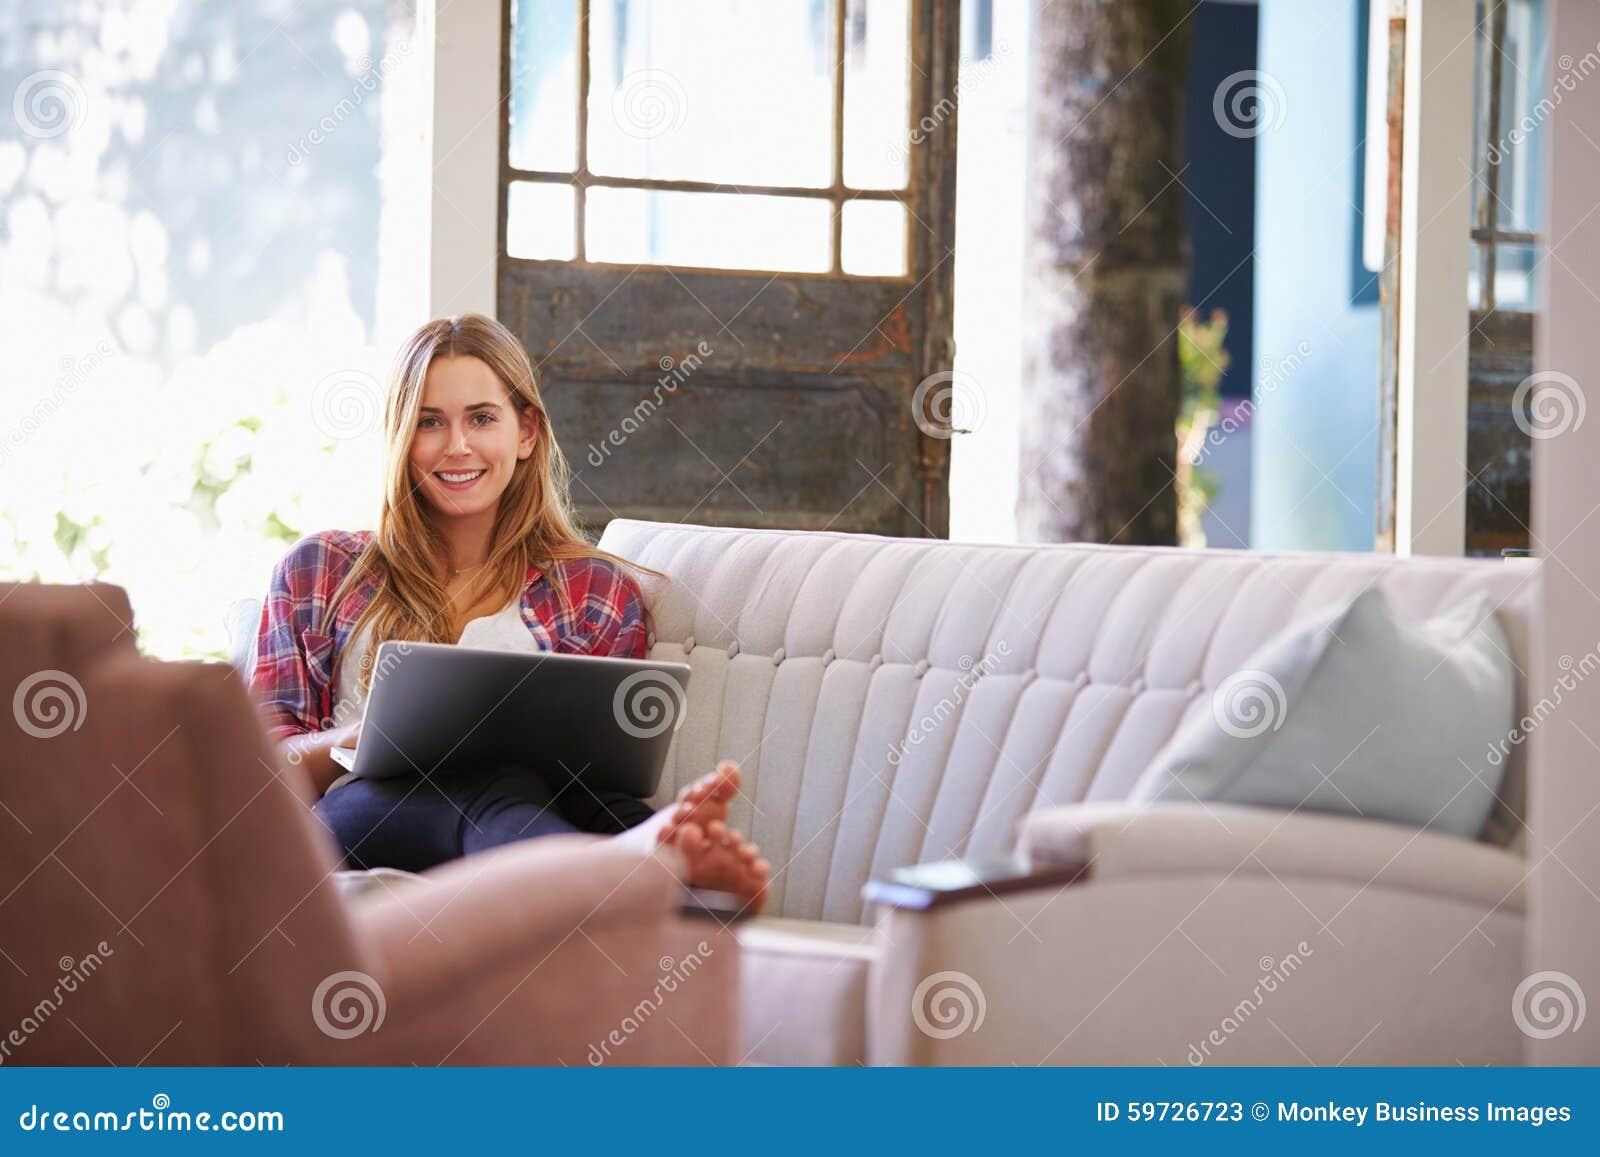 Vrouw het Ontspannen op Sofa At Home Using Laptop-Computer